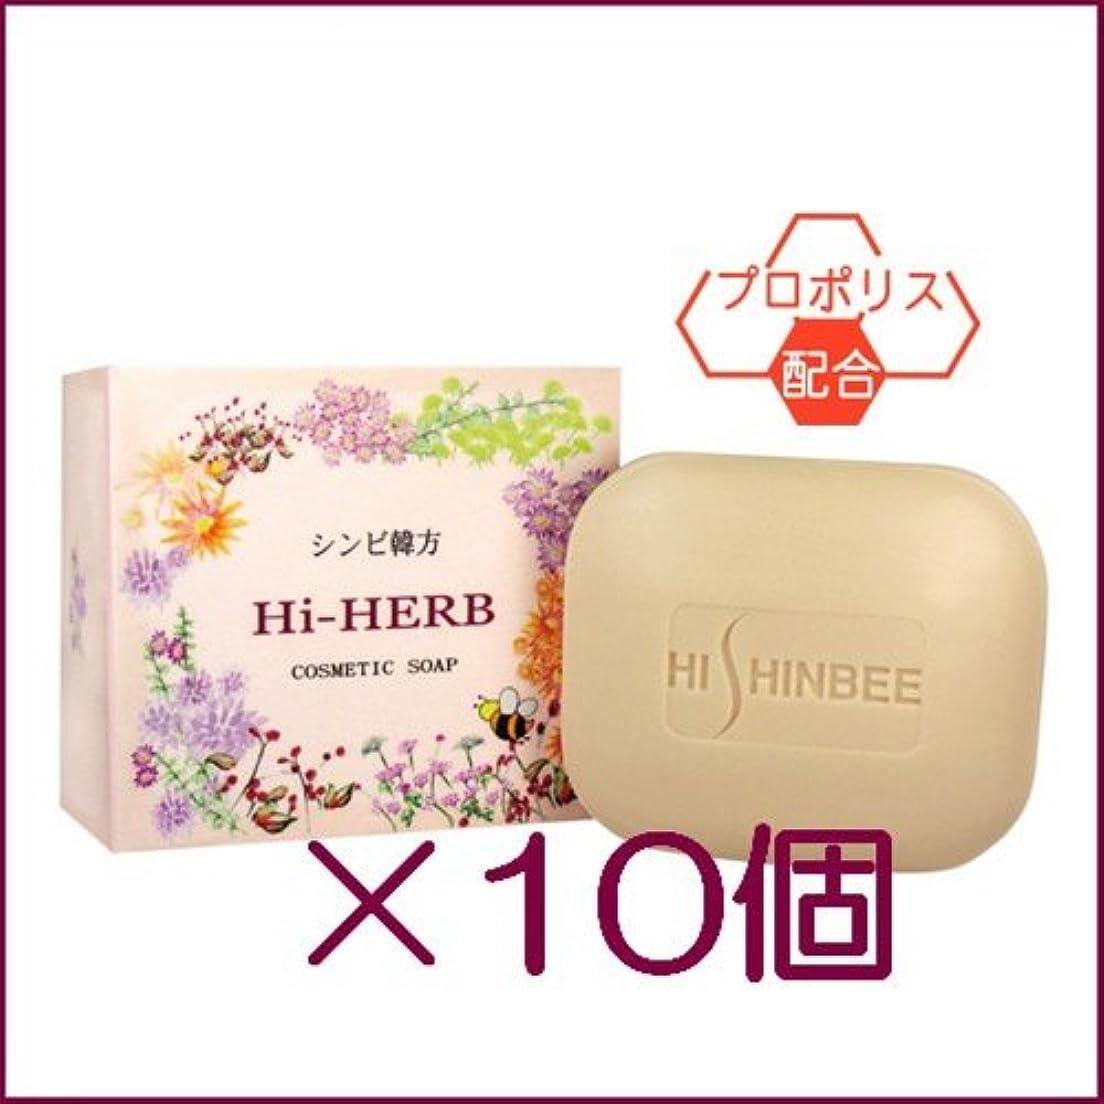 省略周術期ピアノを弾くシンビ 韓方ハイハーブ石鹸 100g ×10個